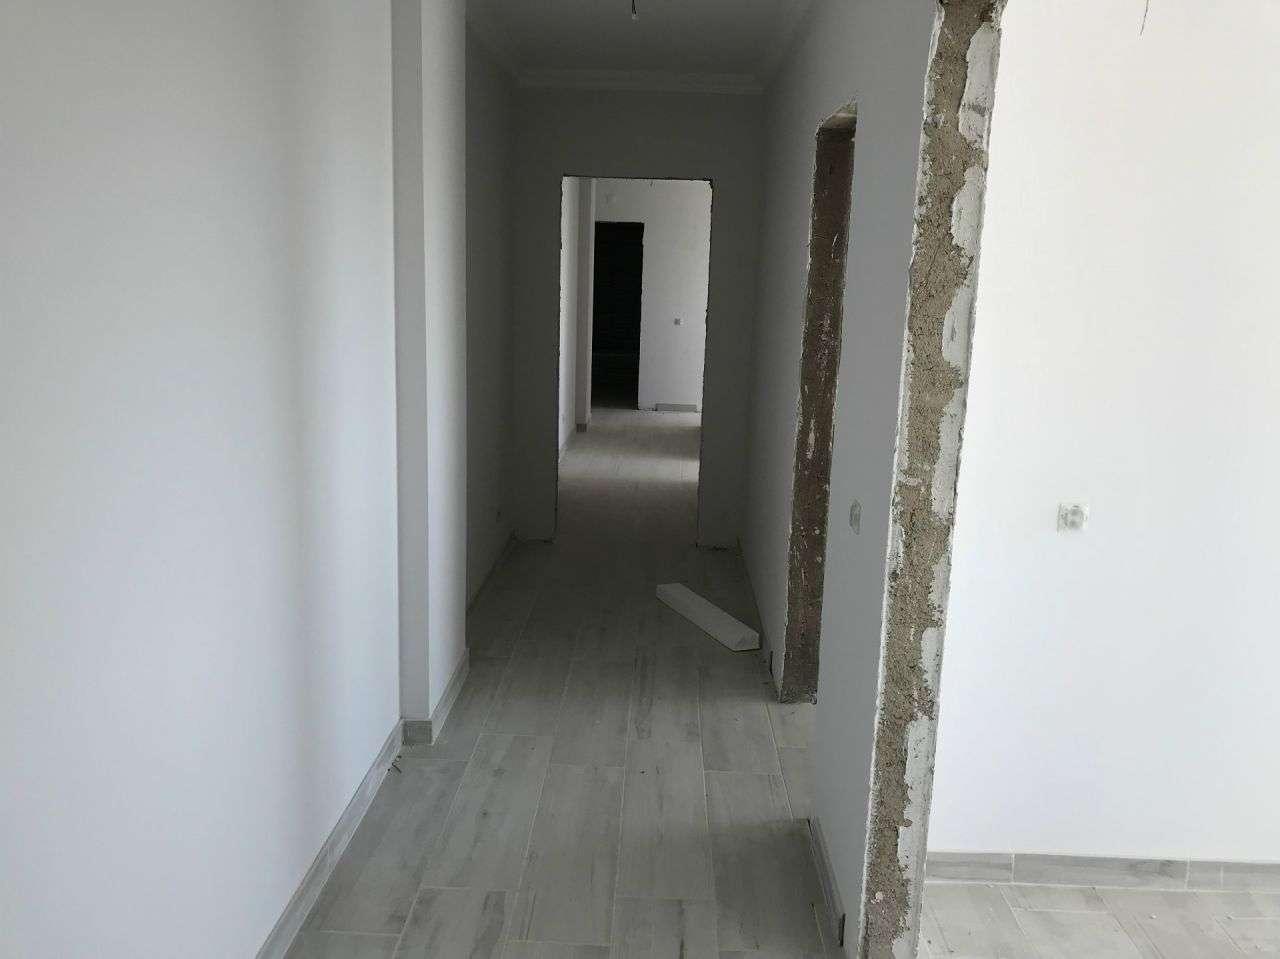 Apartamento para comprar, Moncarapacho e Fuseta, Olhão, Faro - Foto 5